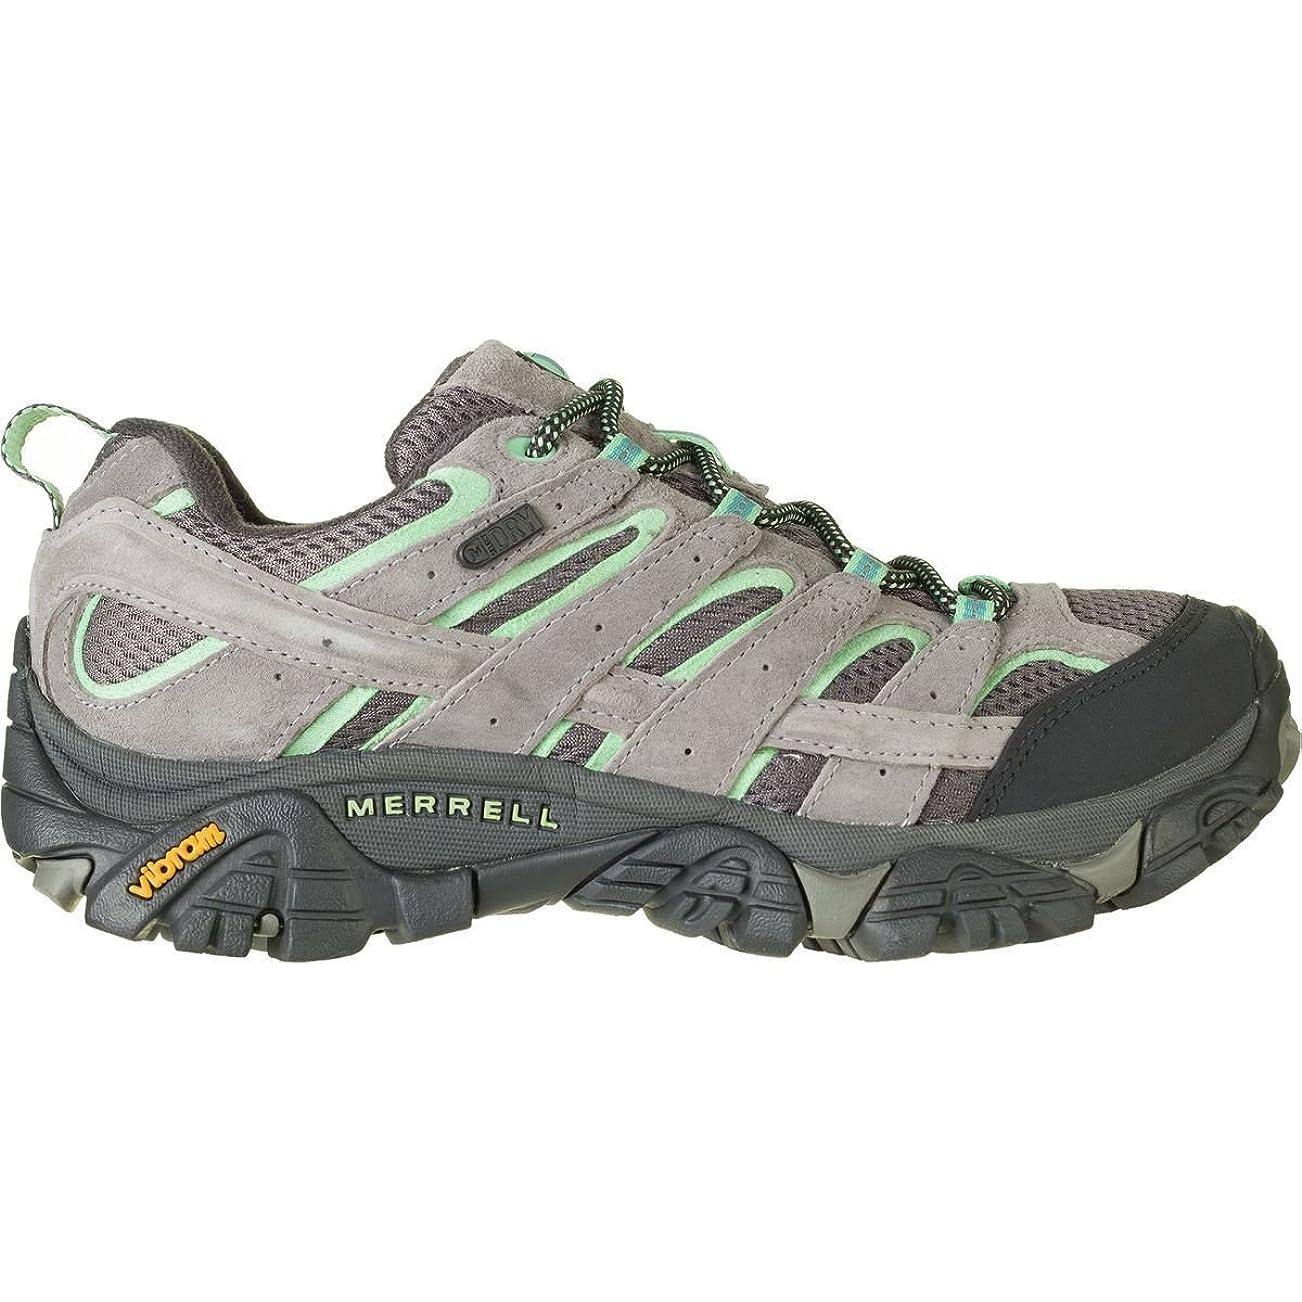 ハグロール修正するメレル バッグ バックパック?リュックサック Moab 2 Waterproof Hiking Shoe - Women's Drizzle/Mi 139 [並行輸入品]